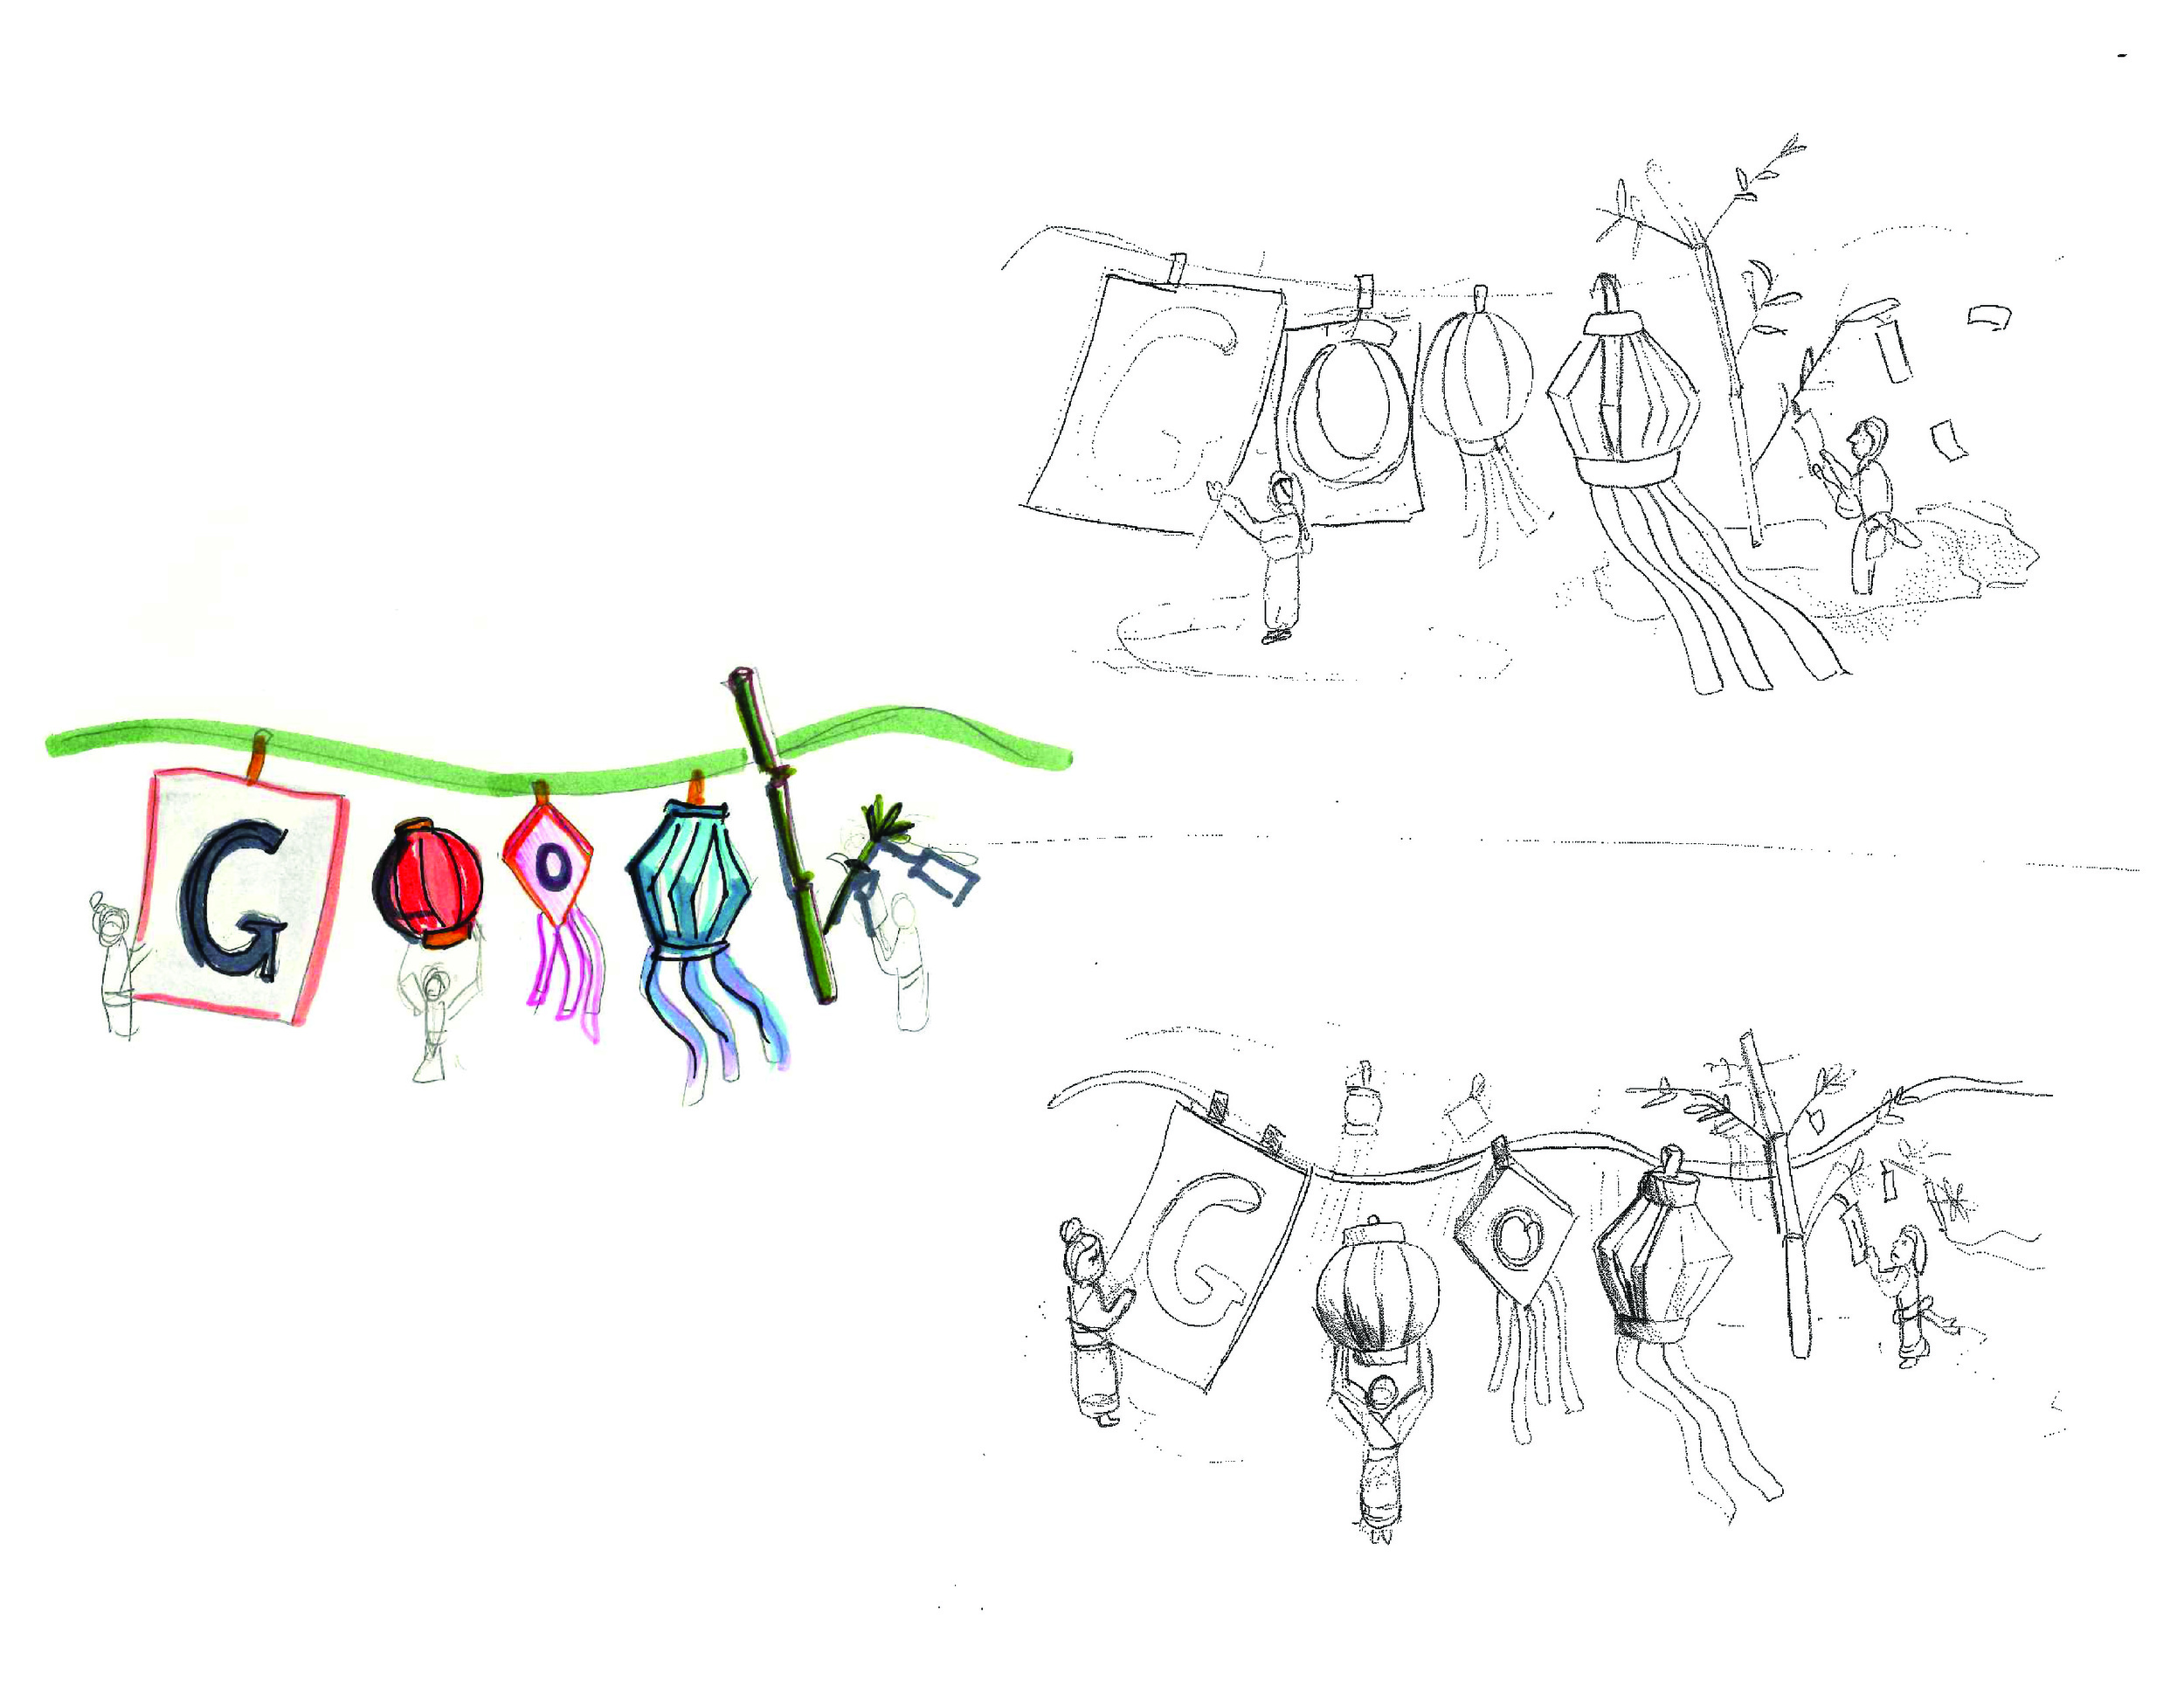 tanabata_sketches-06.jpg